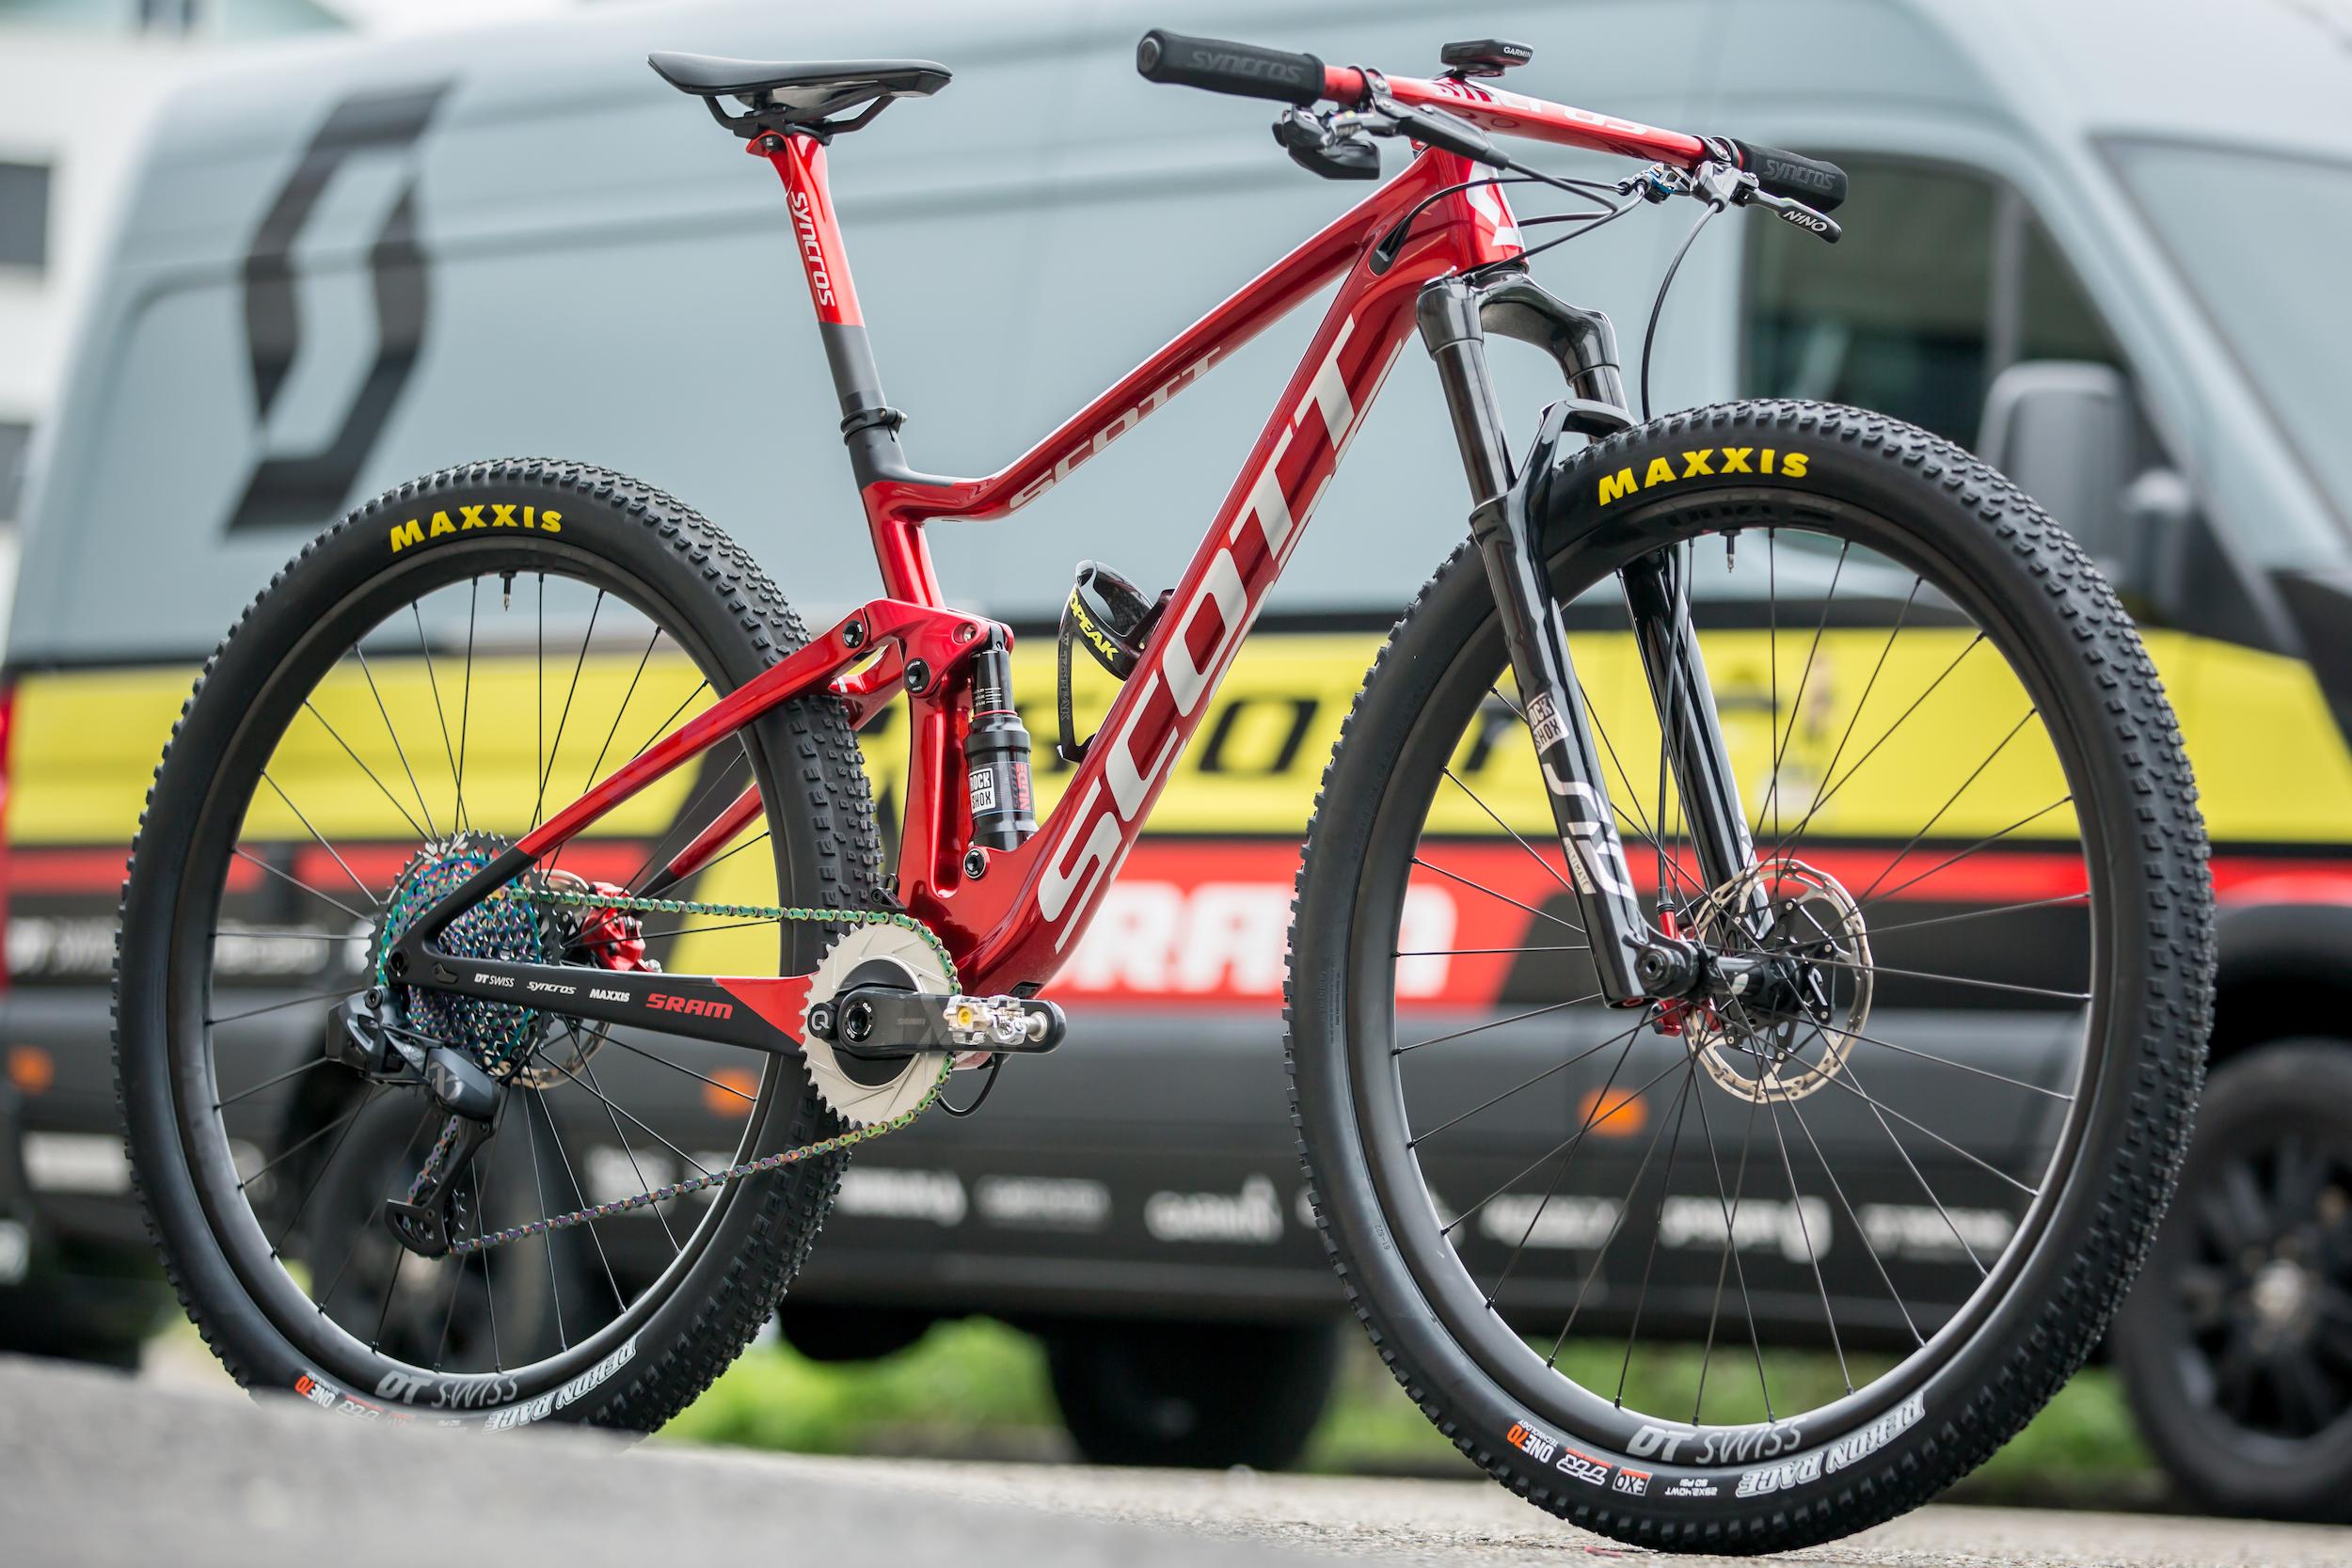 Auch wenn auf den Bildern ein Komplettrad zu sehen ist - verkauft wird die Schurter-Replika als Rahmenset samt Lenker, Vorbau, Sattelstütze, Gabel, Kurbel und Bremse. Das Foto zeigt das echte Weltmeister-Bike.